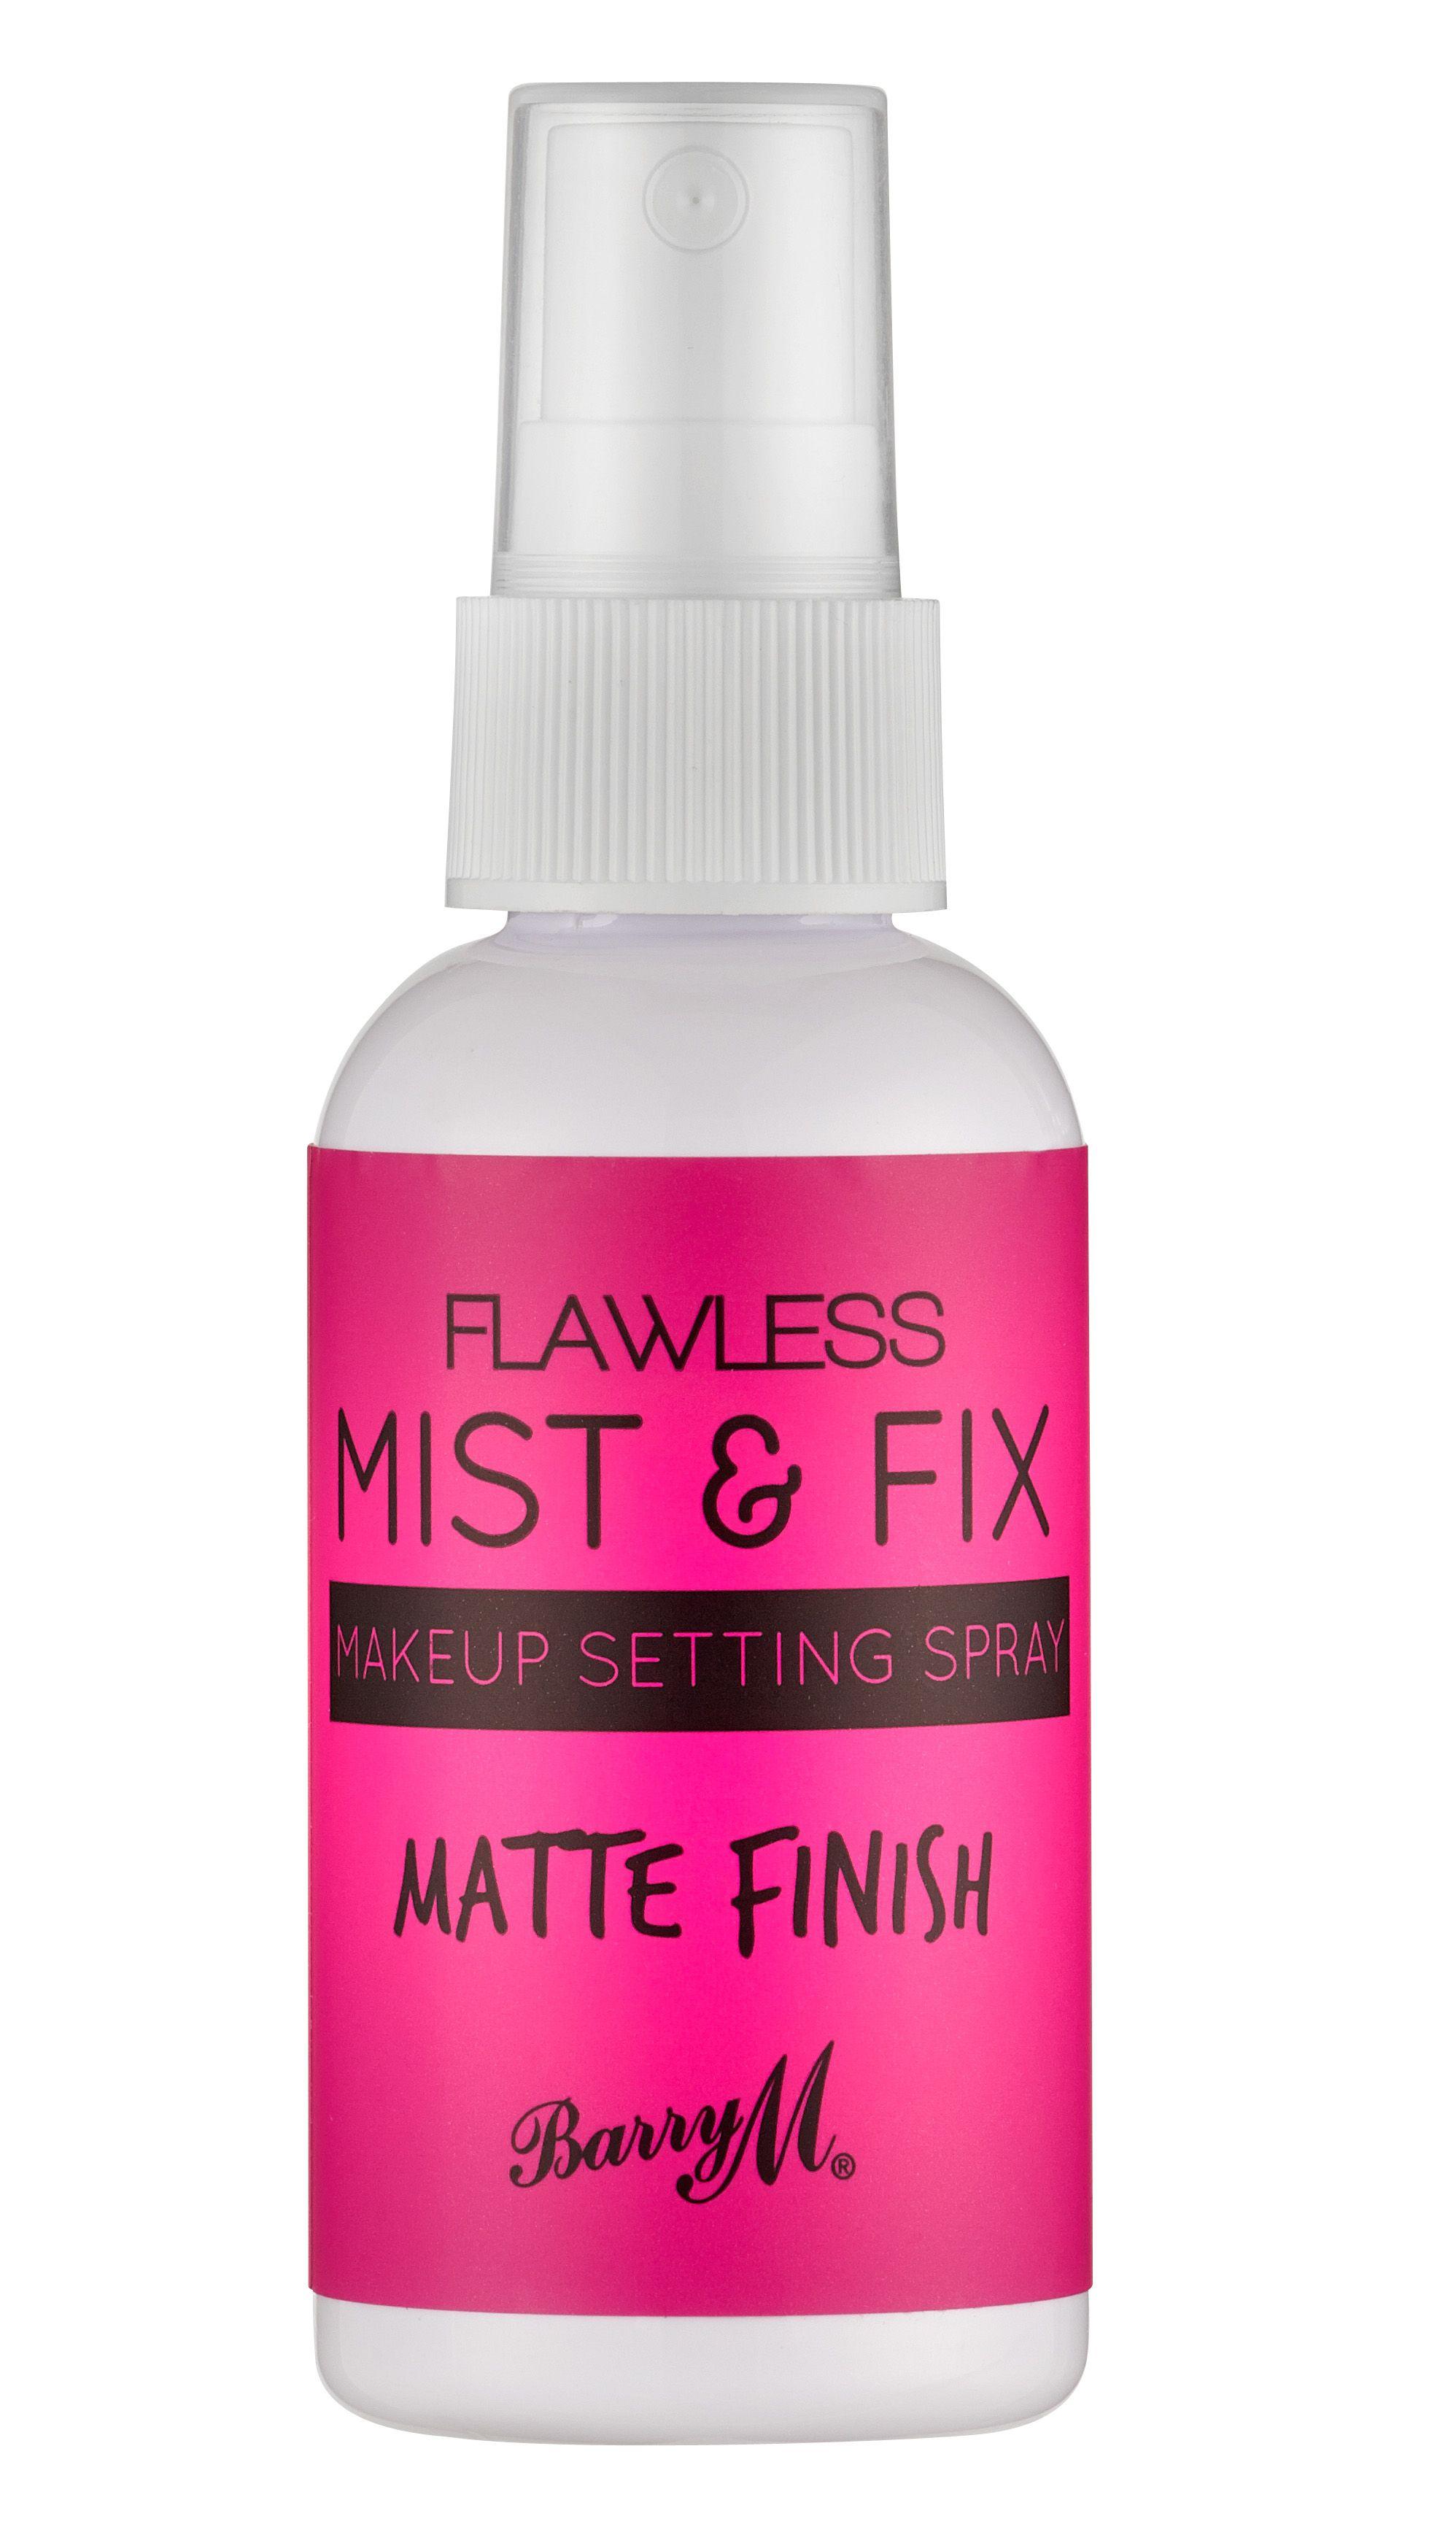 Barry M Flawless Mist & Fix Makeup Setting Spray Matte